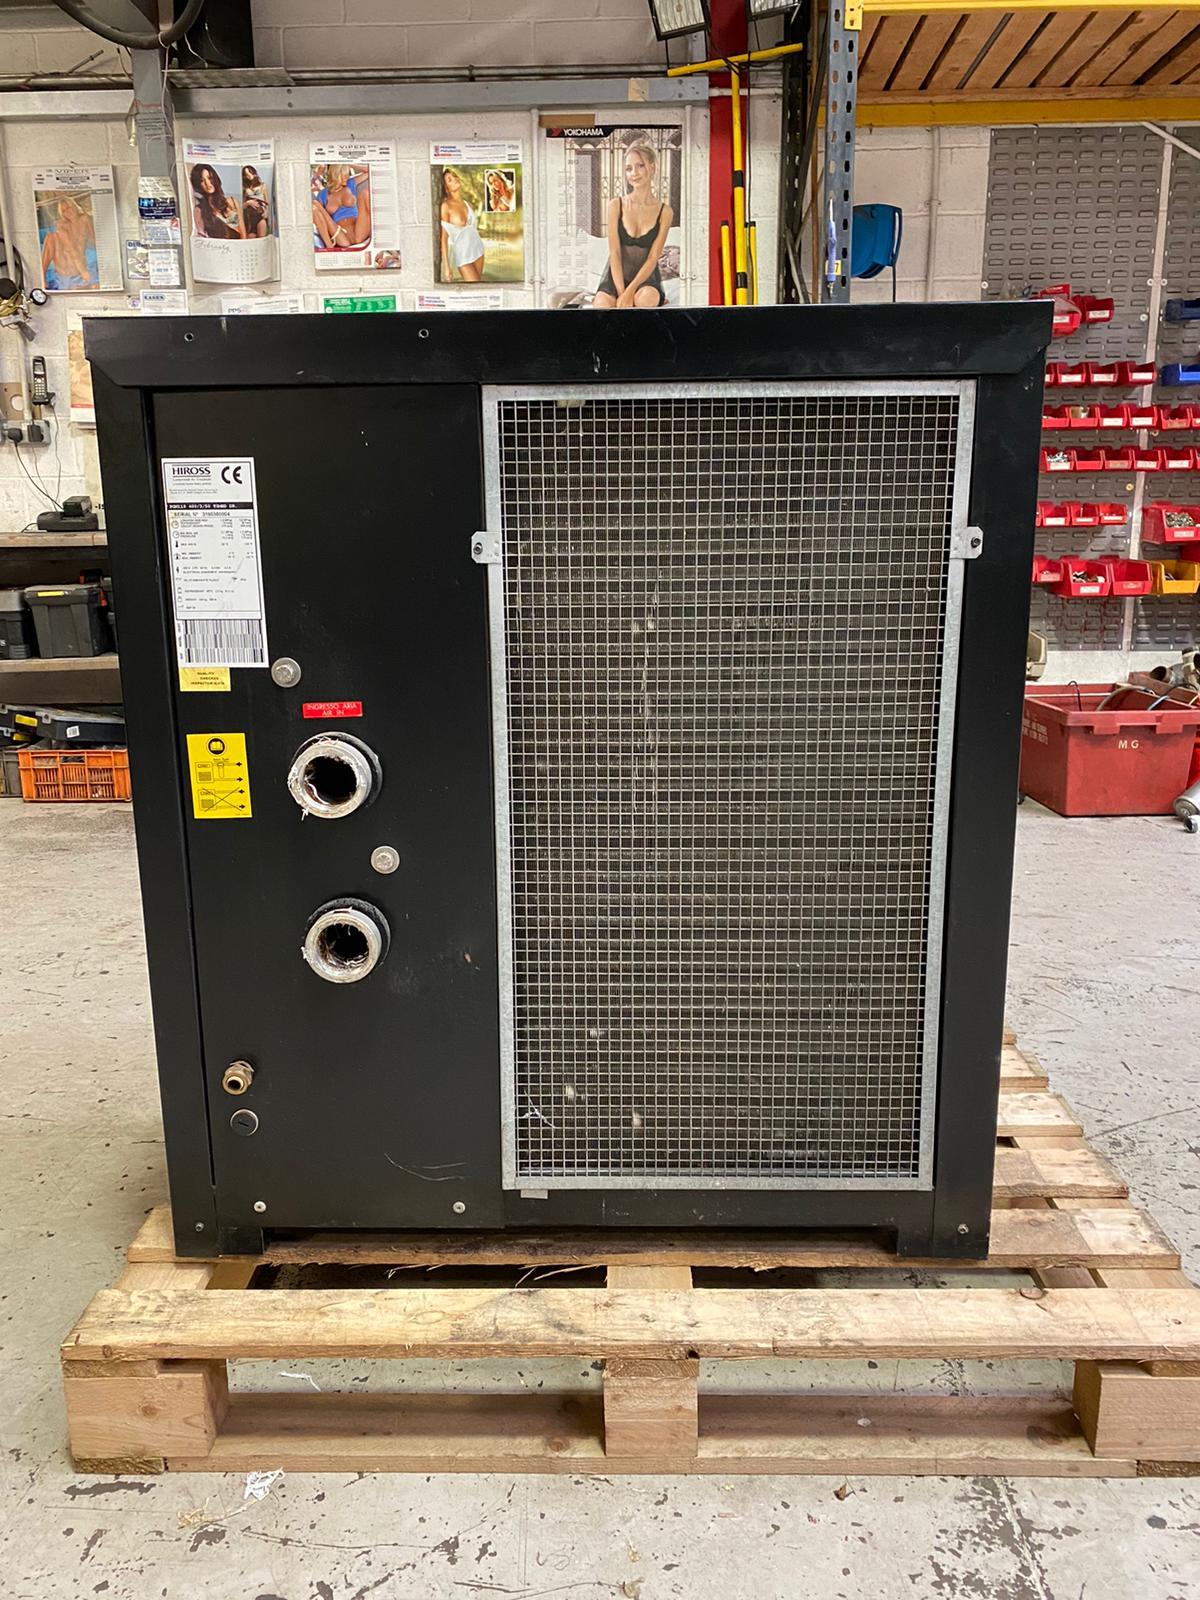 HIROSS PGN110 389 CFM Refrigerant Air Dryer